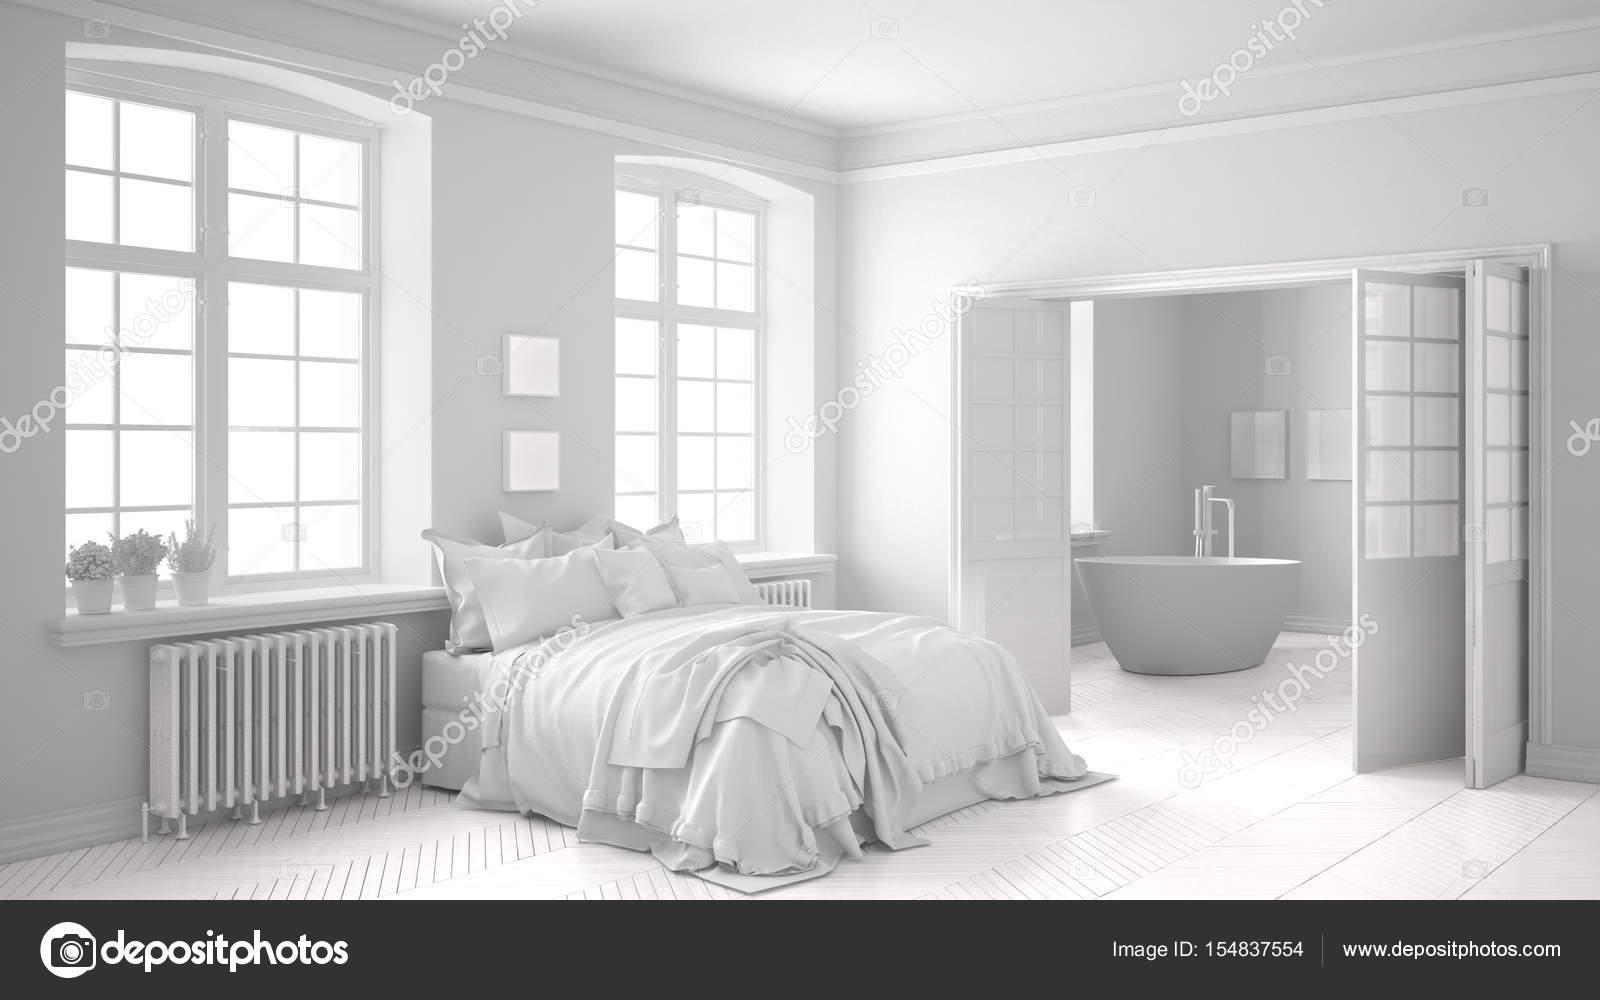 Total Blanc Scandinave Chambre à Coucher Avec Salle De Bain Dans Le Fond,  Décoration Minimaliste U2014 Image De ...